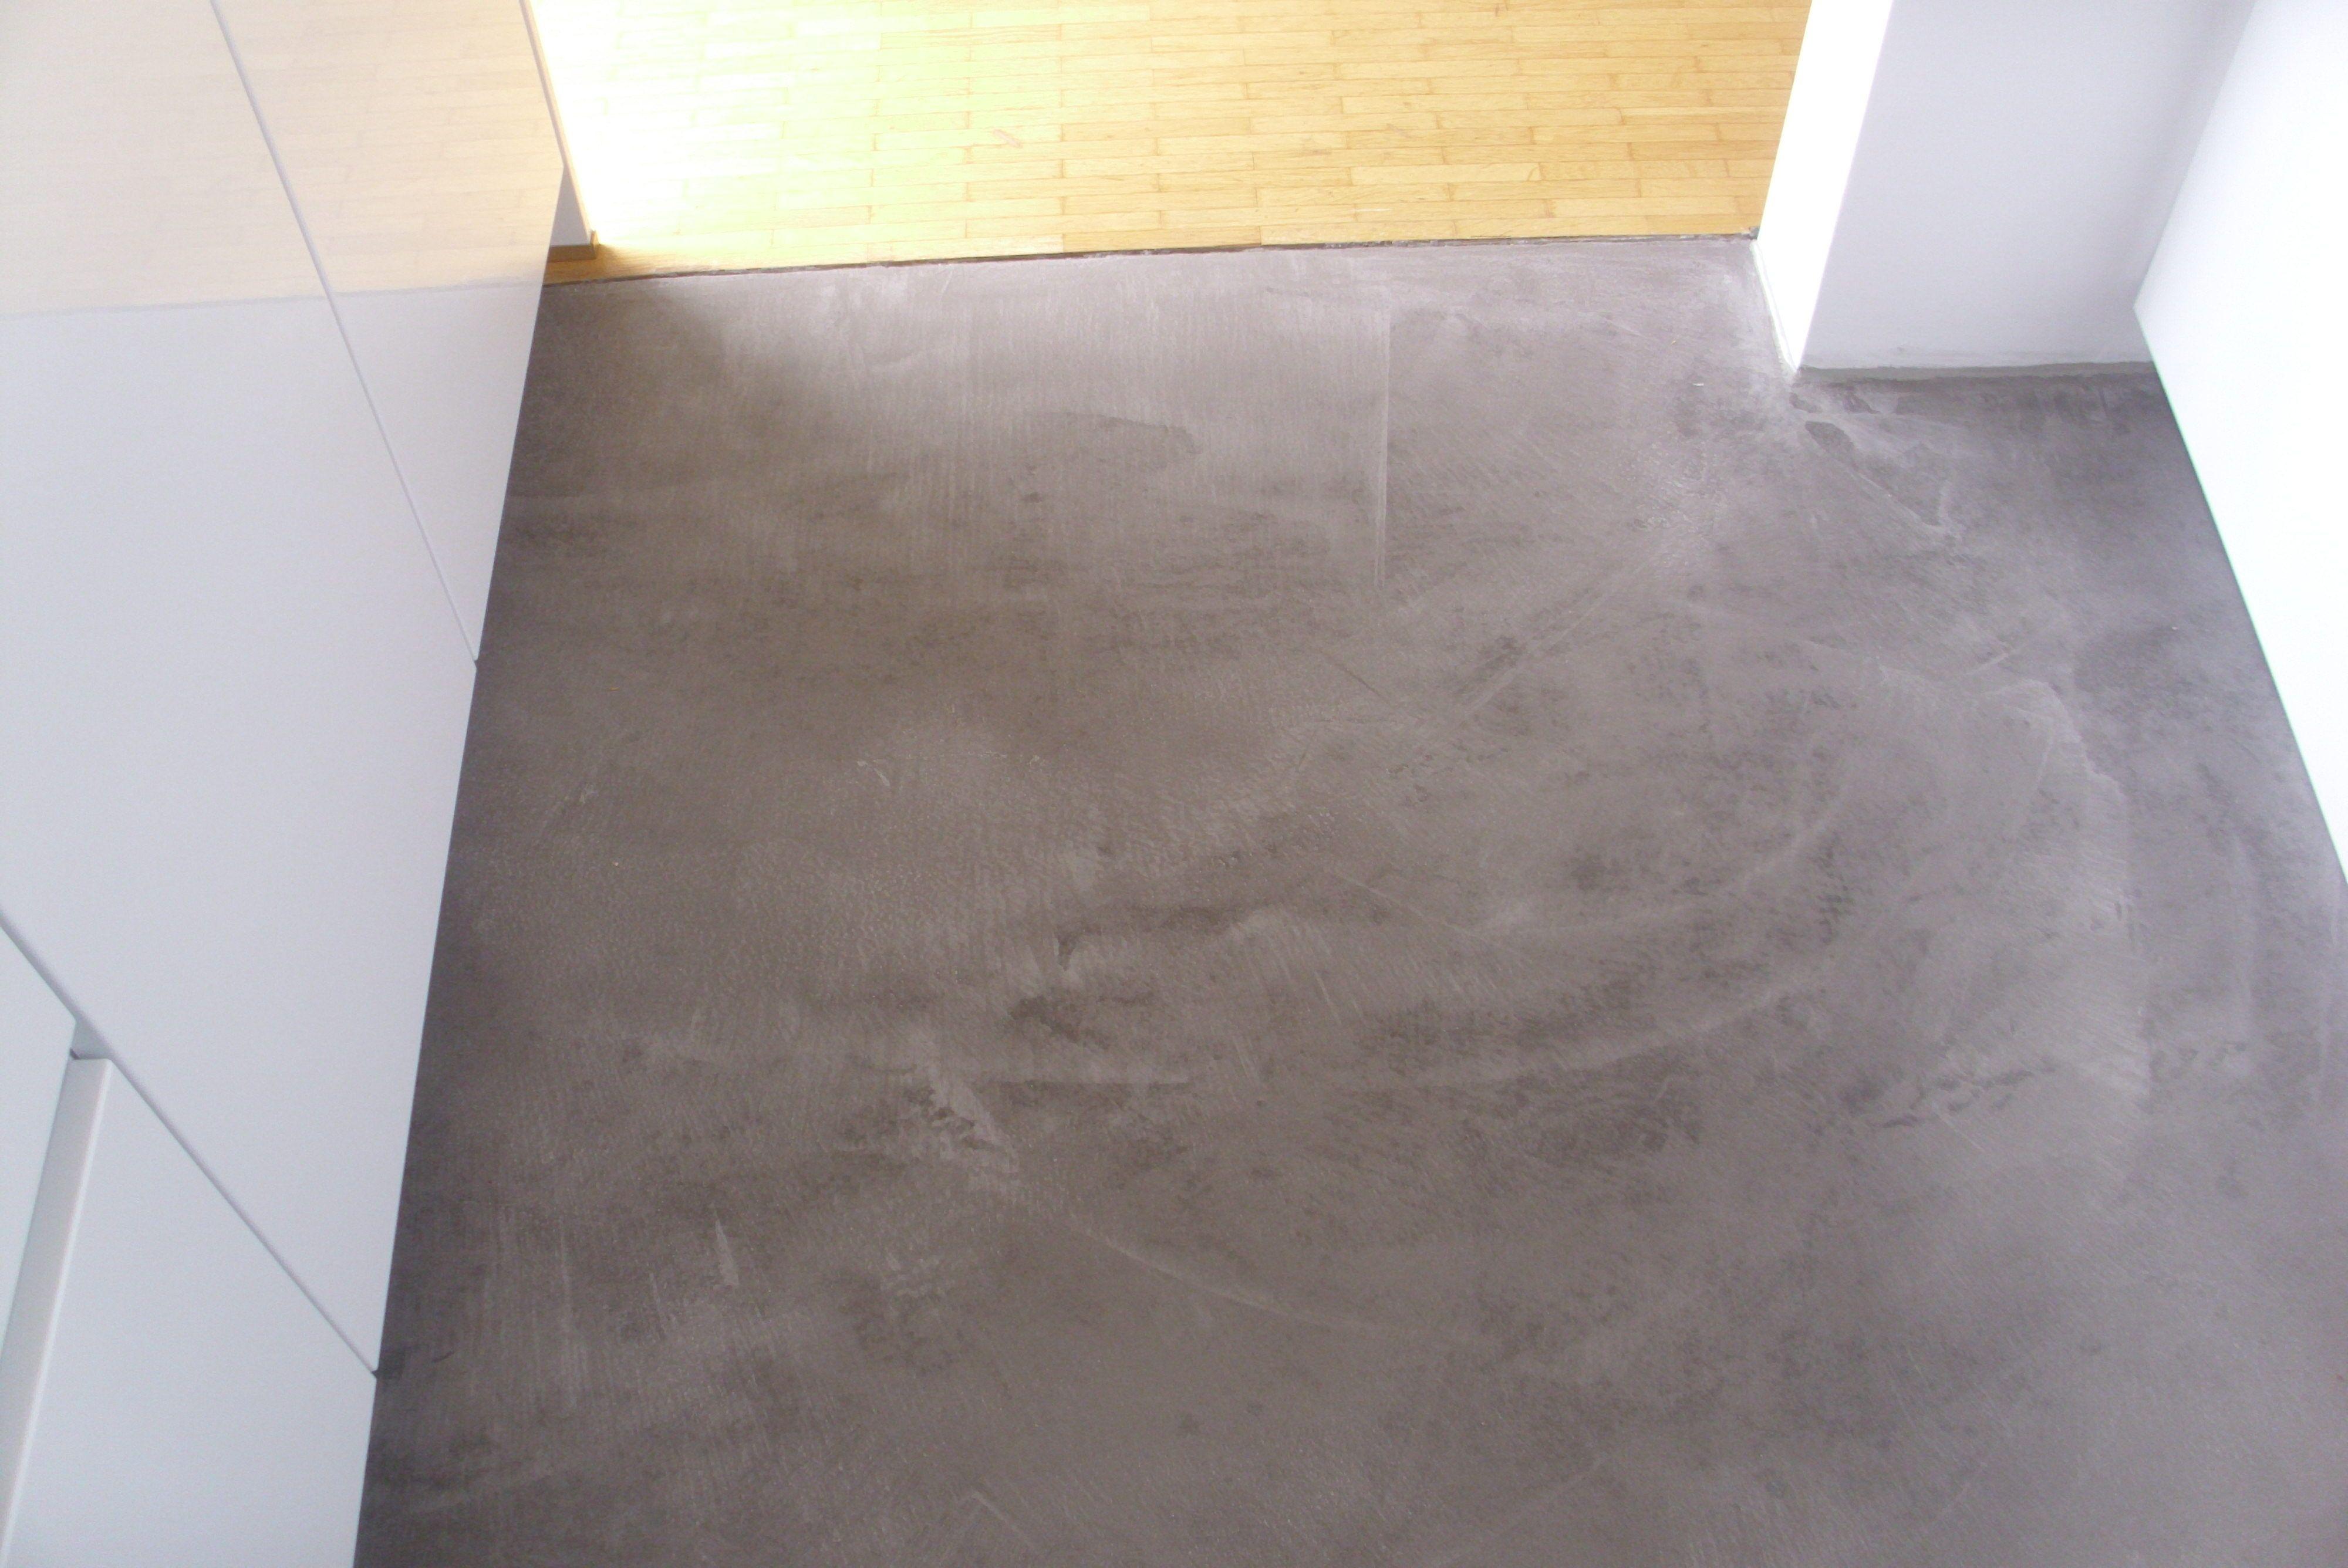 Fußboden Im Betonlook ~ Betonlook fliesen für eine industrielle note nibo stone